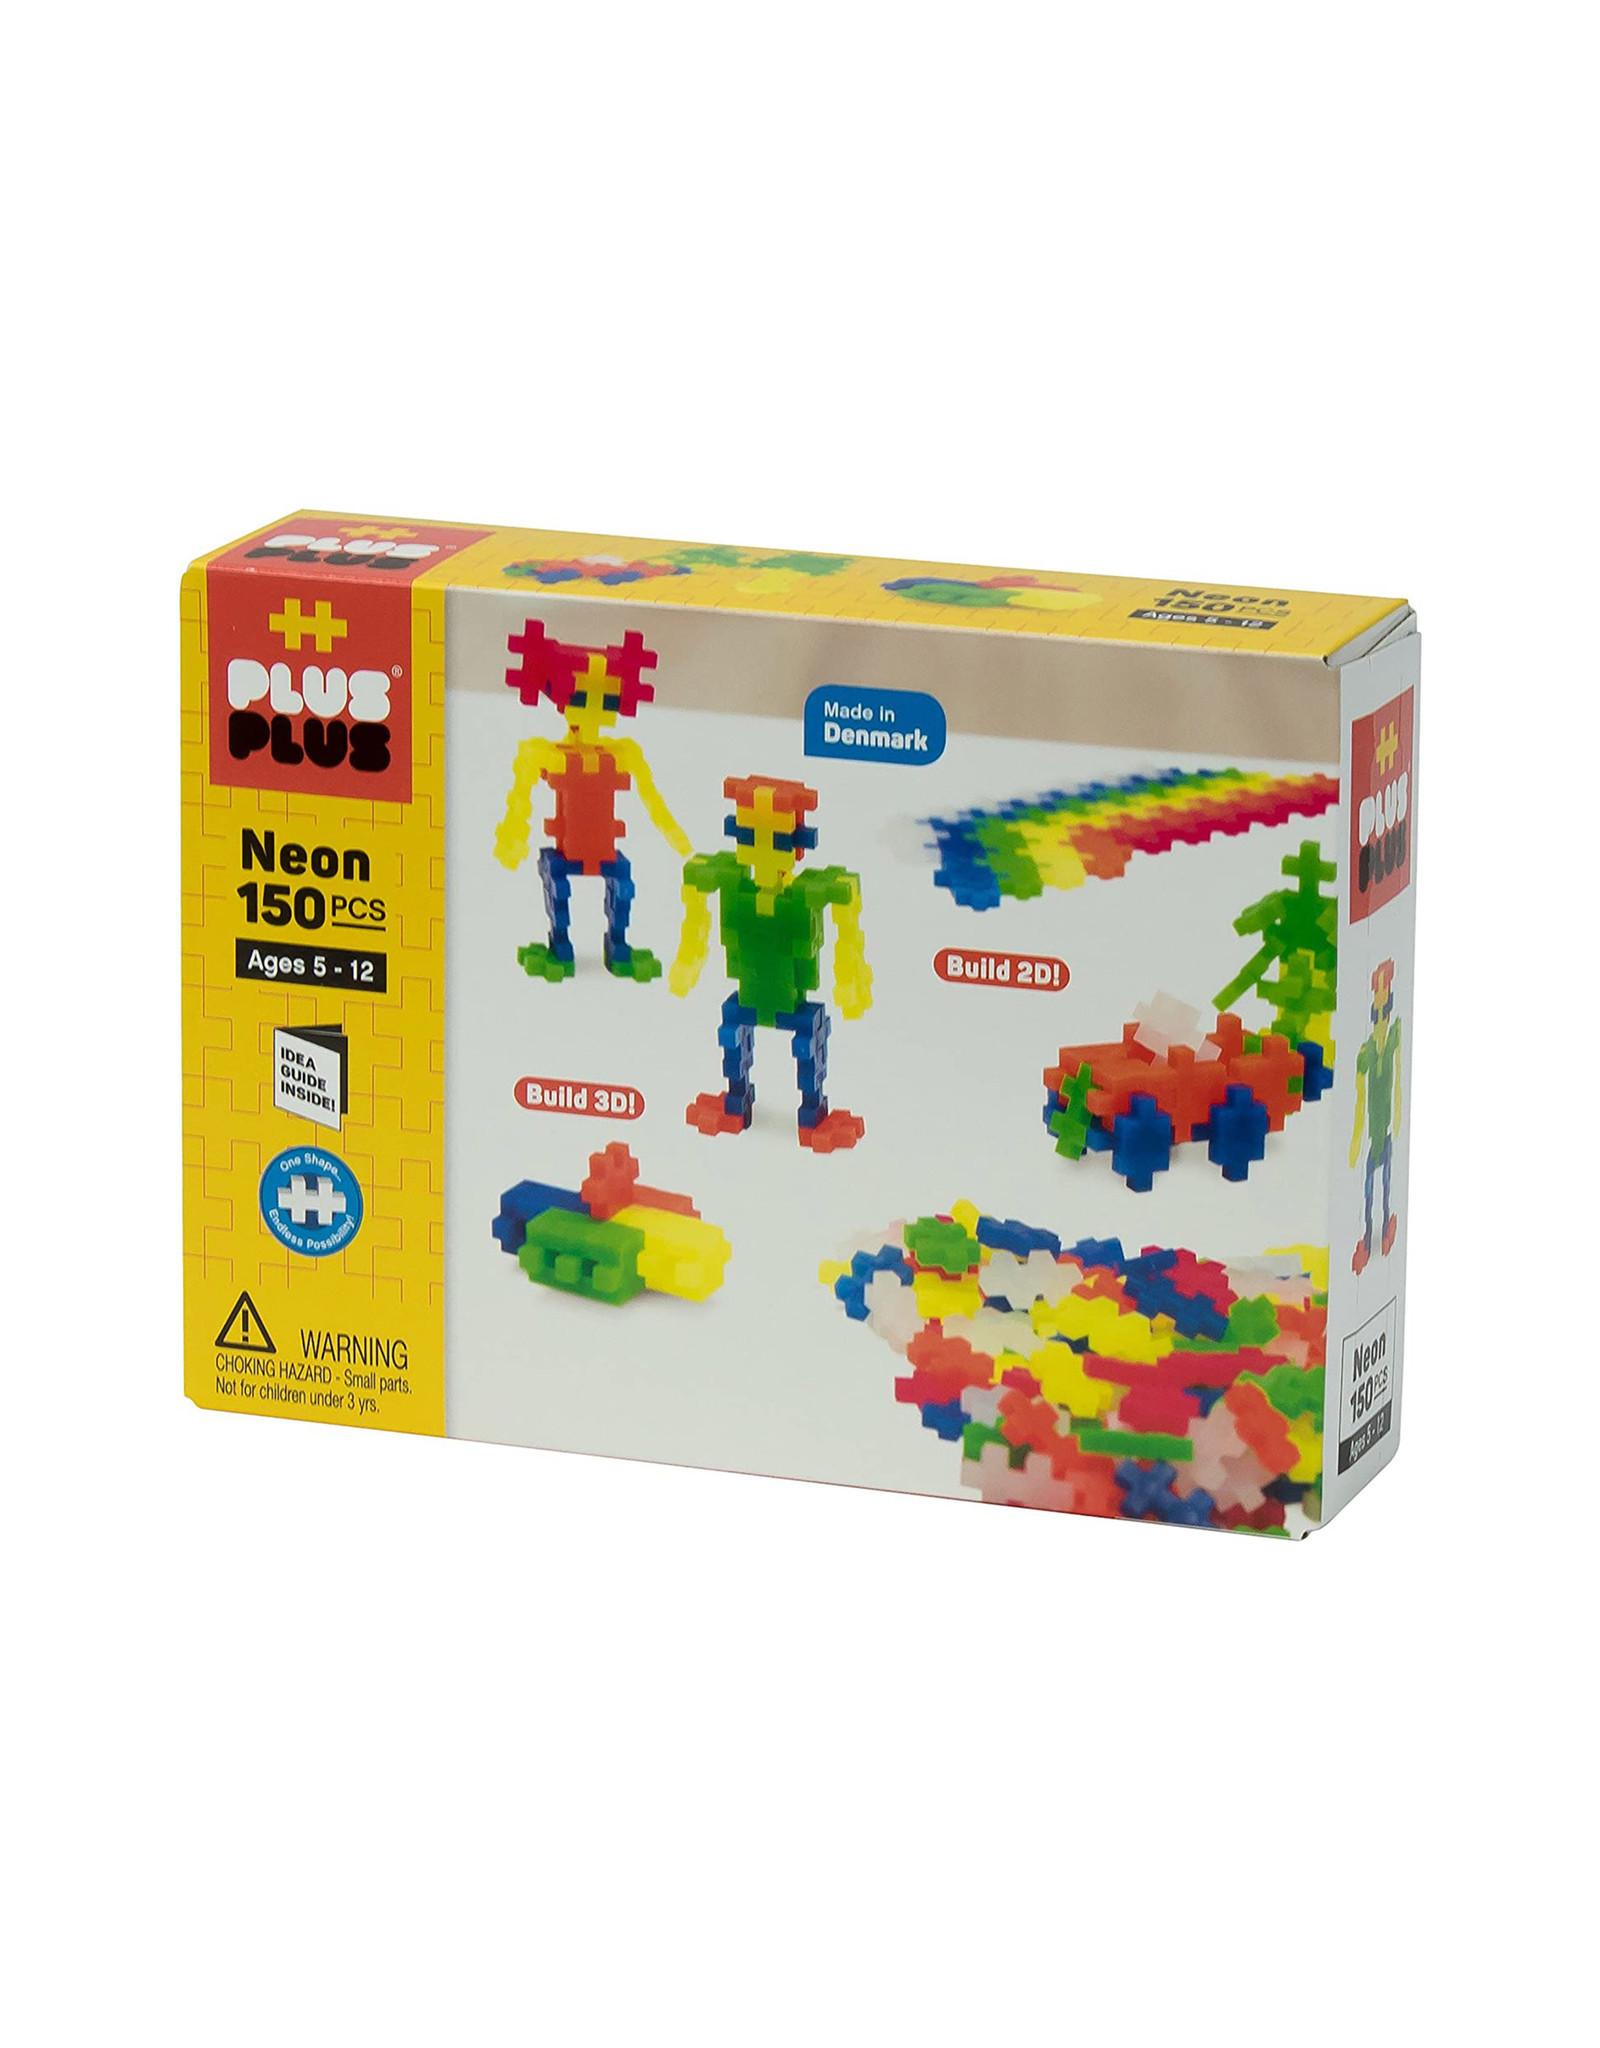 Plus Plus Mini, Neon 150 pieces